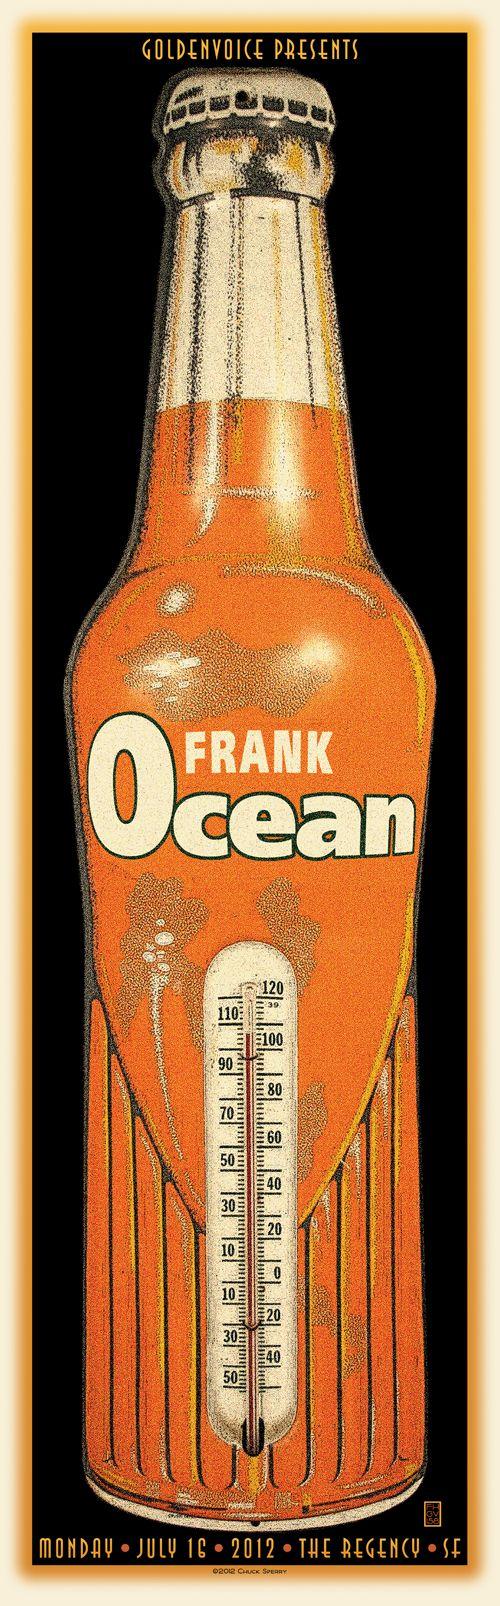 Frank Ocean @ The Regency Ballroom